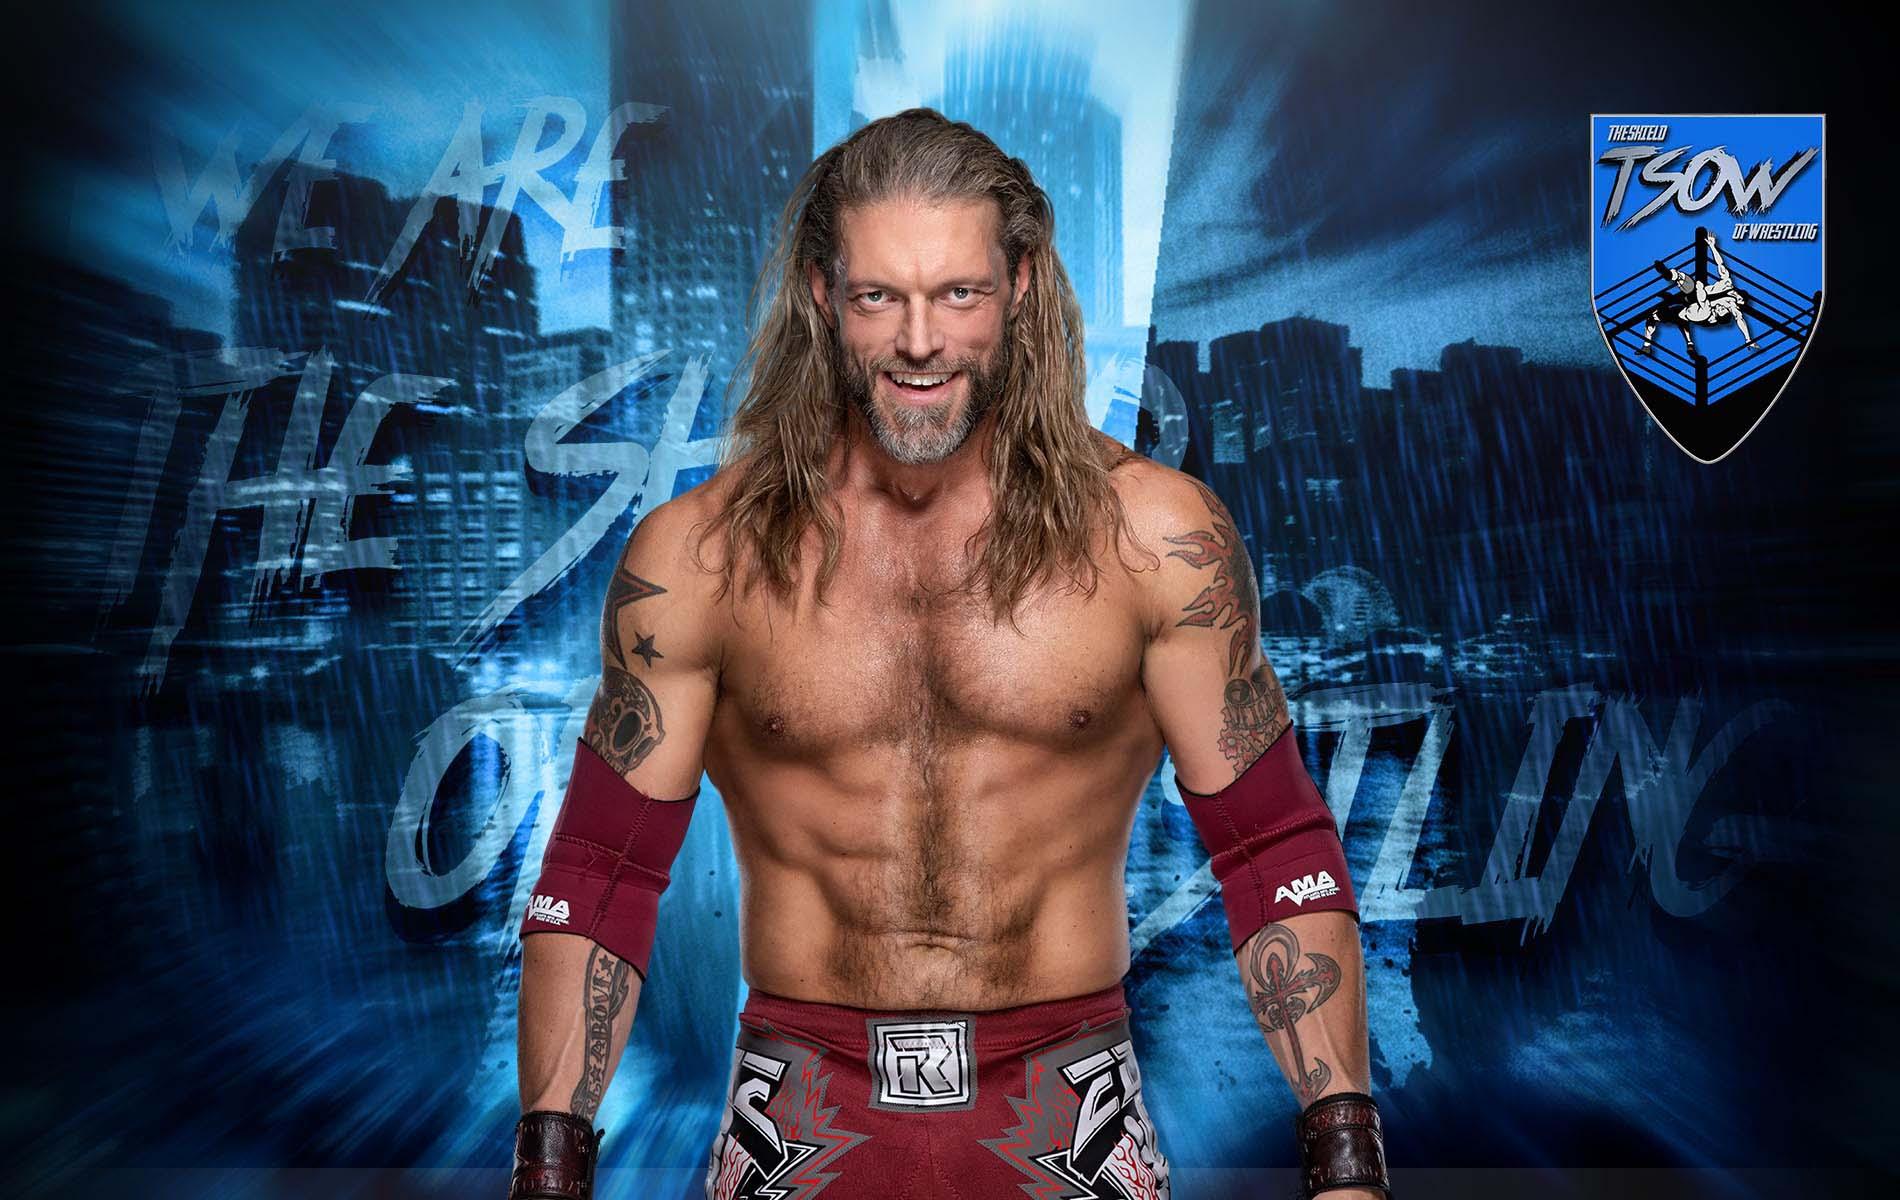 Edge vuole affrontare anche i wrestler di NXT